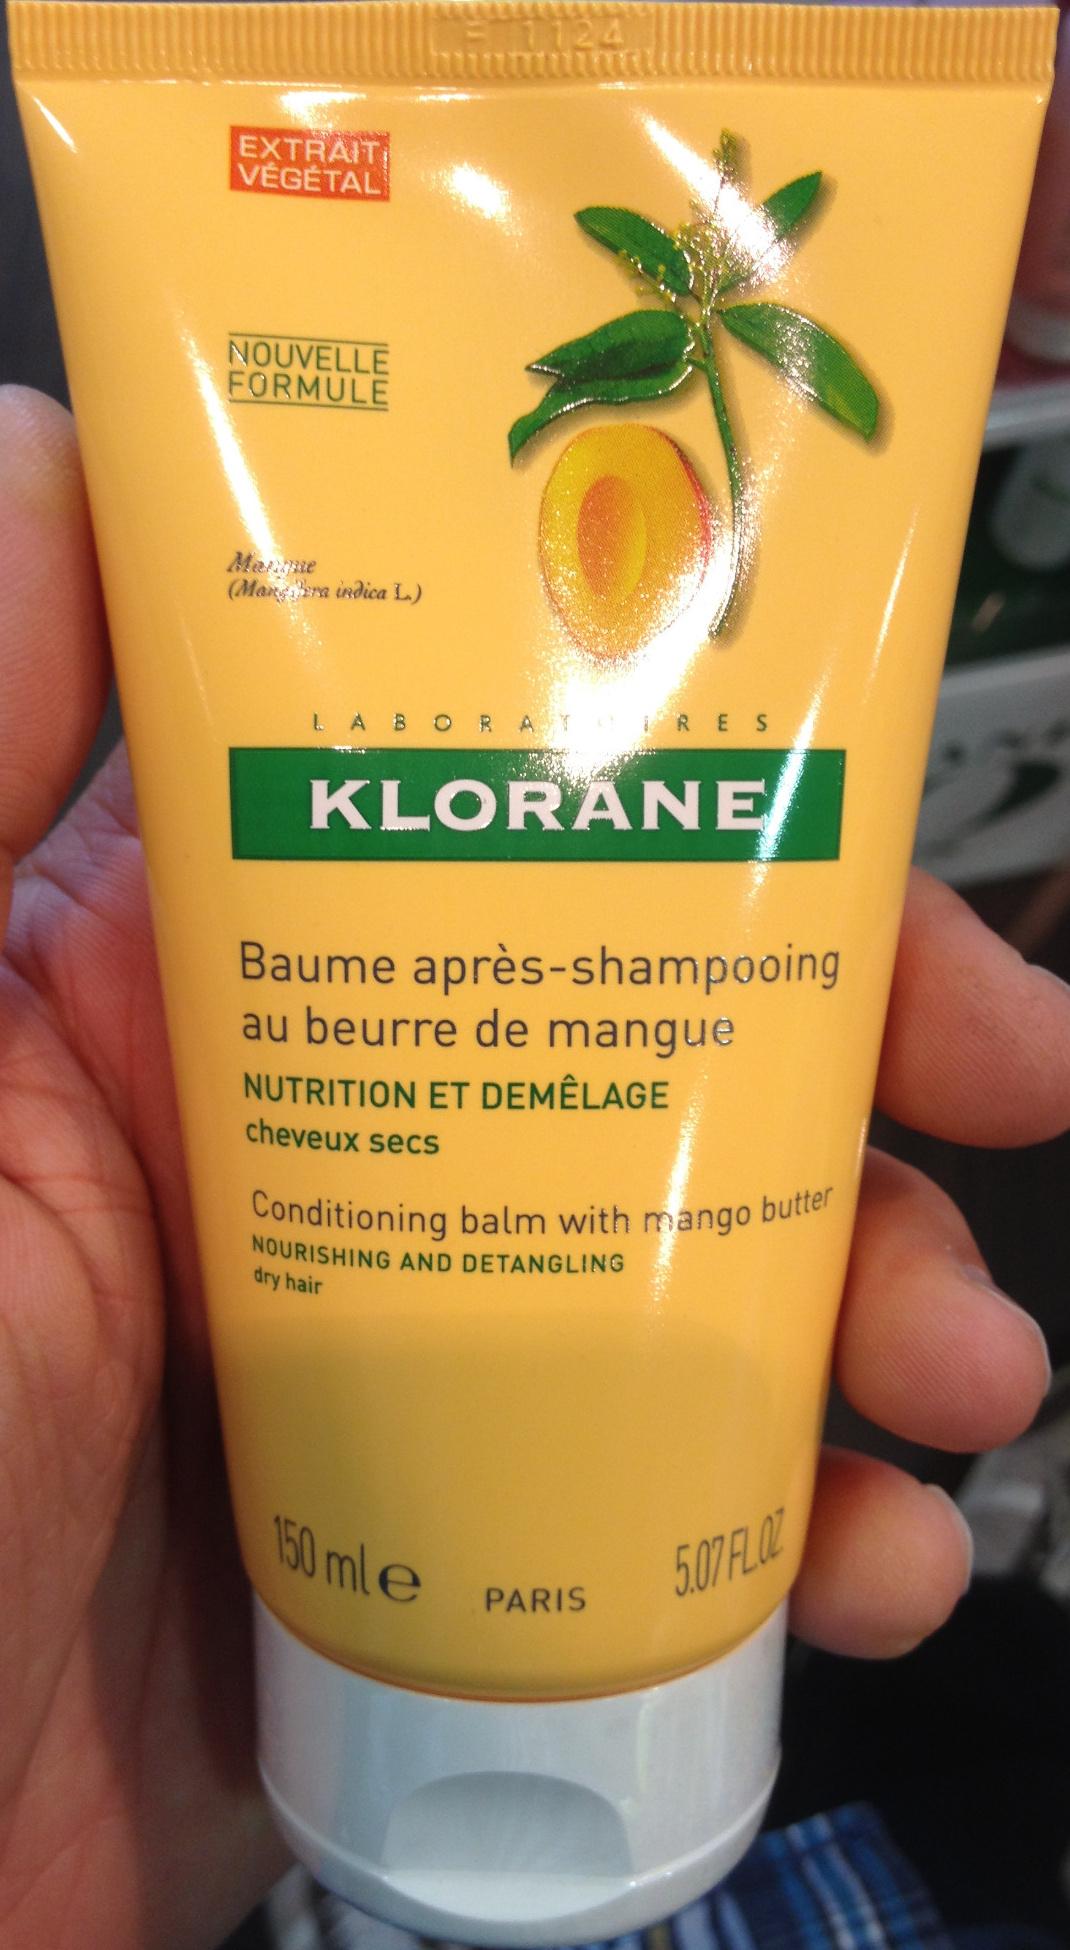 Baume après-shampooing au beurre de mangue - Produit - fr